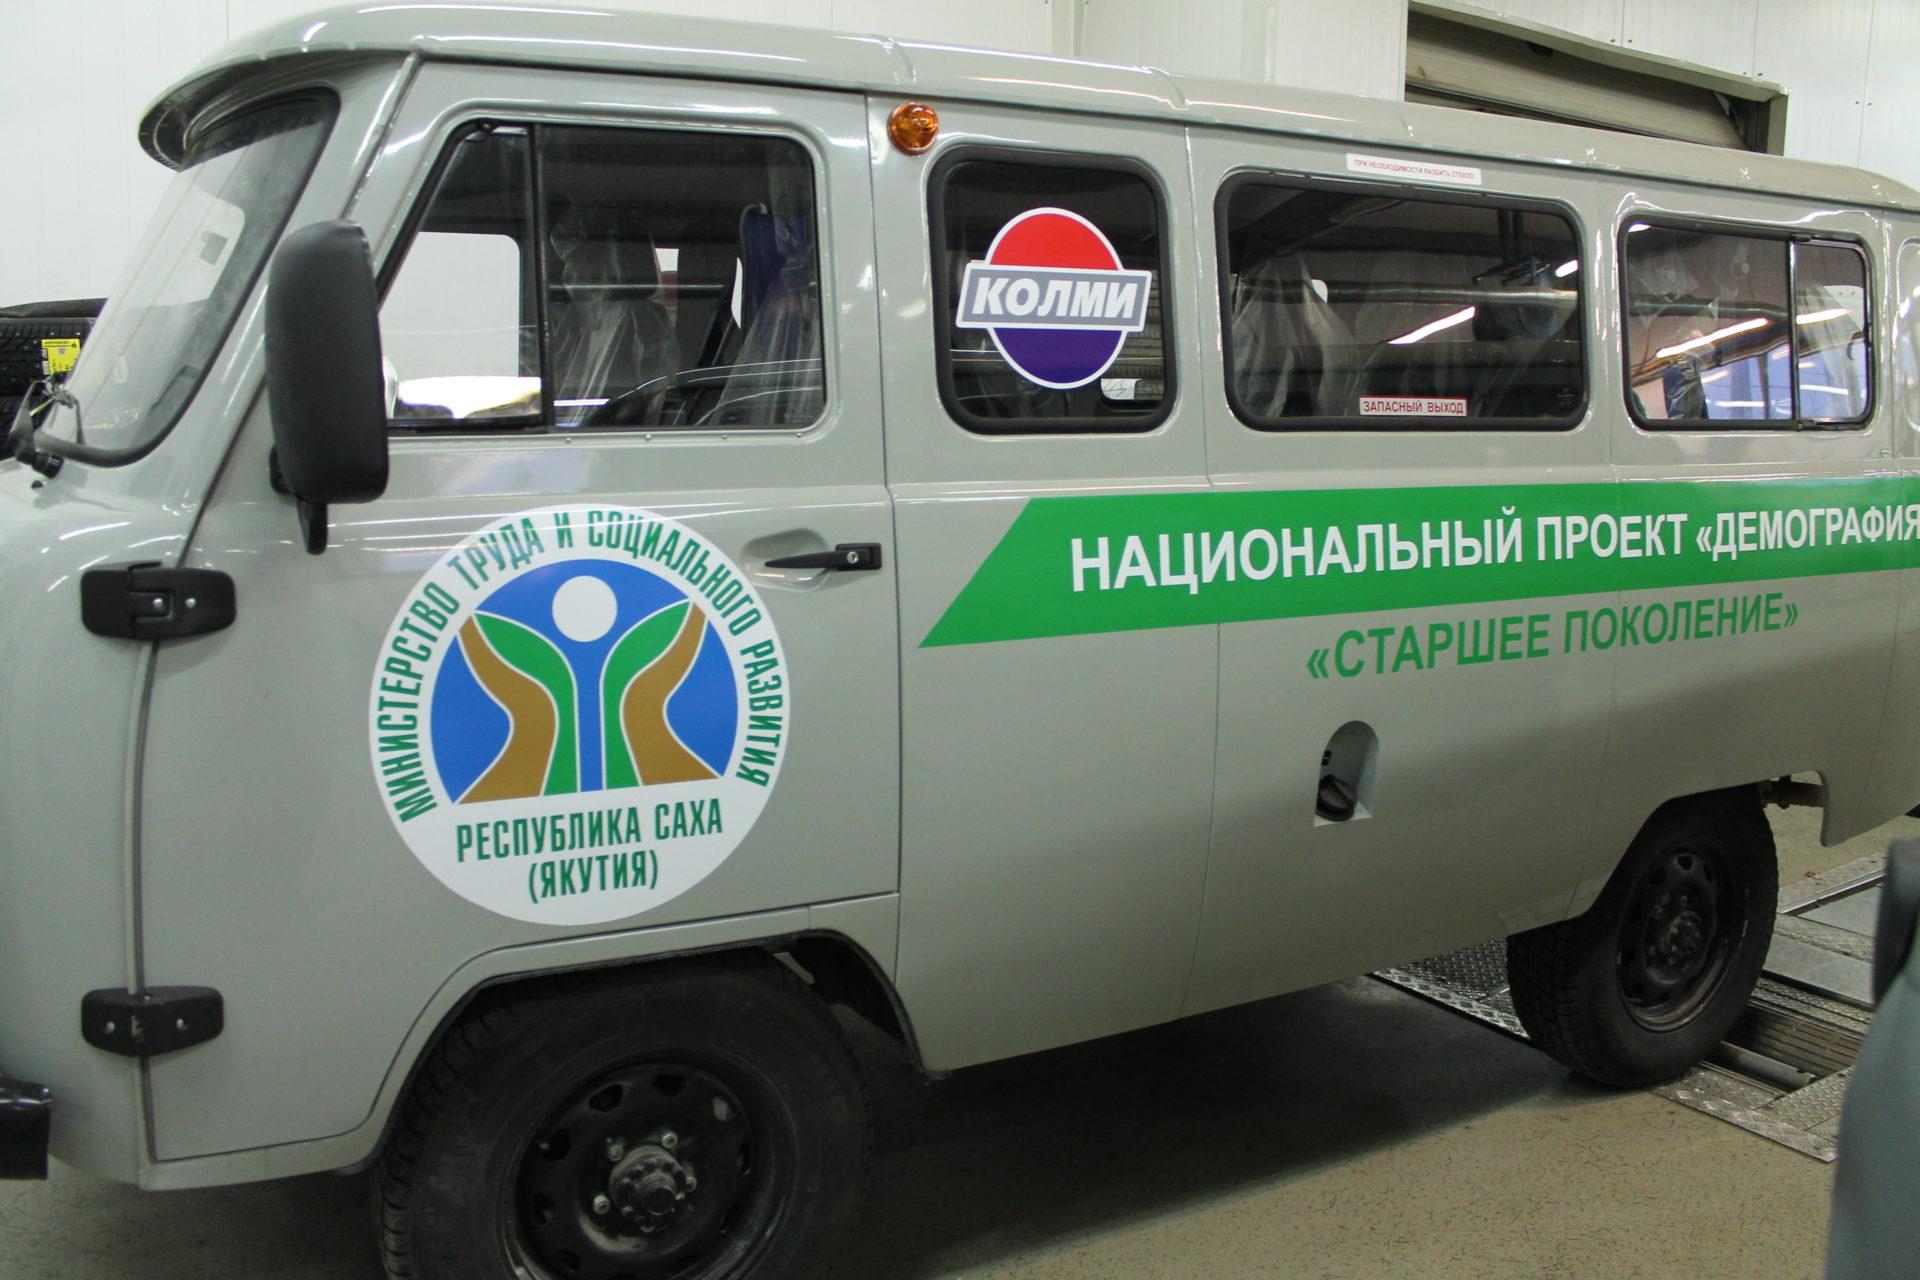 Более 4 тысяч якутян получают помощь по социальному контракту